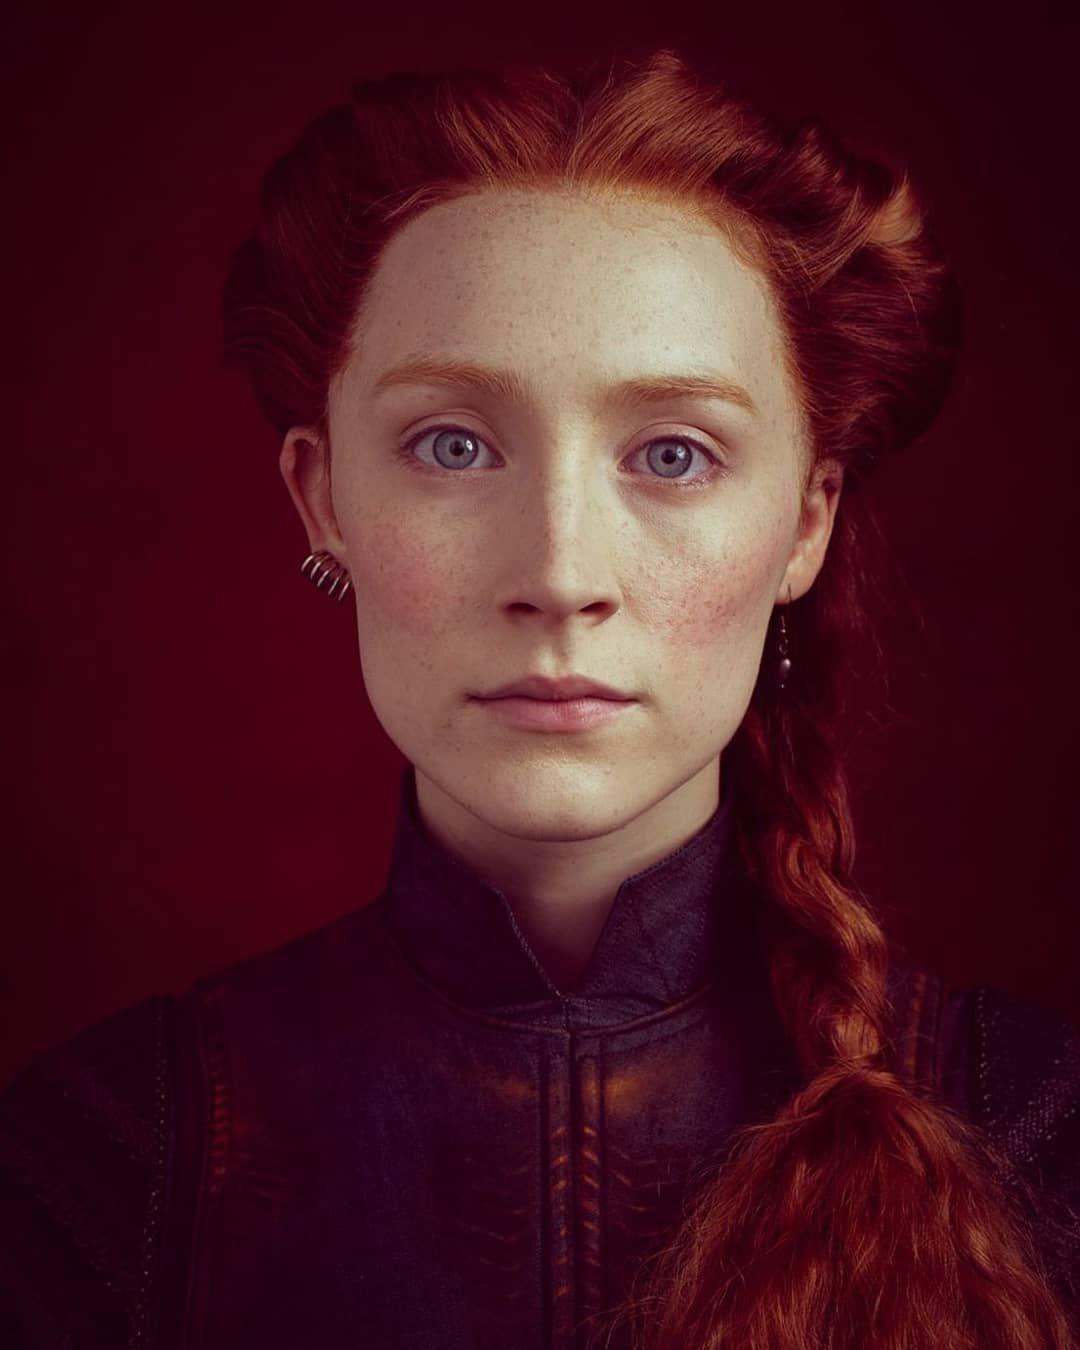 New Promotional Still Of Mary Queen Movie Saoirseronan Maryqueenofscots Margottrobbie Onchesilbeach Thes Queen Movie Mary Queen Of Scots Film Inspiration